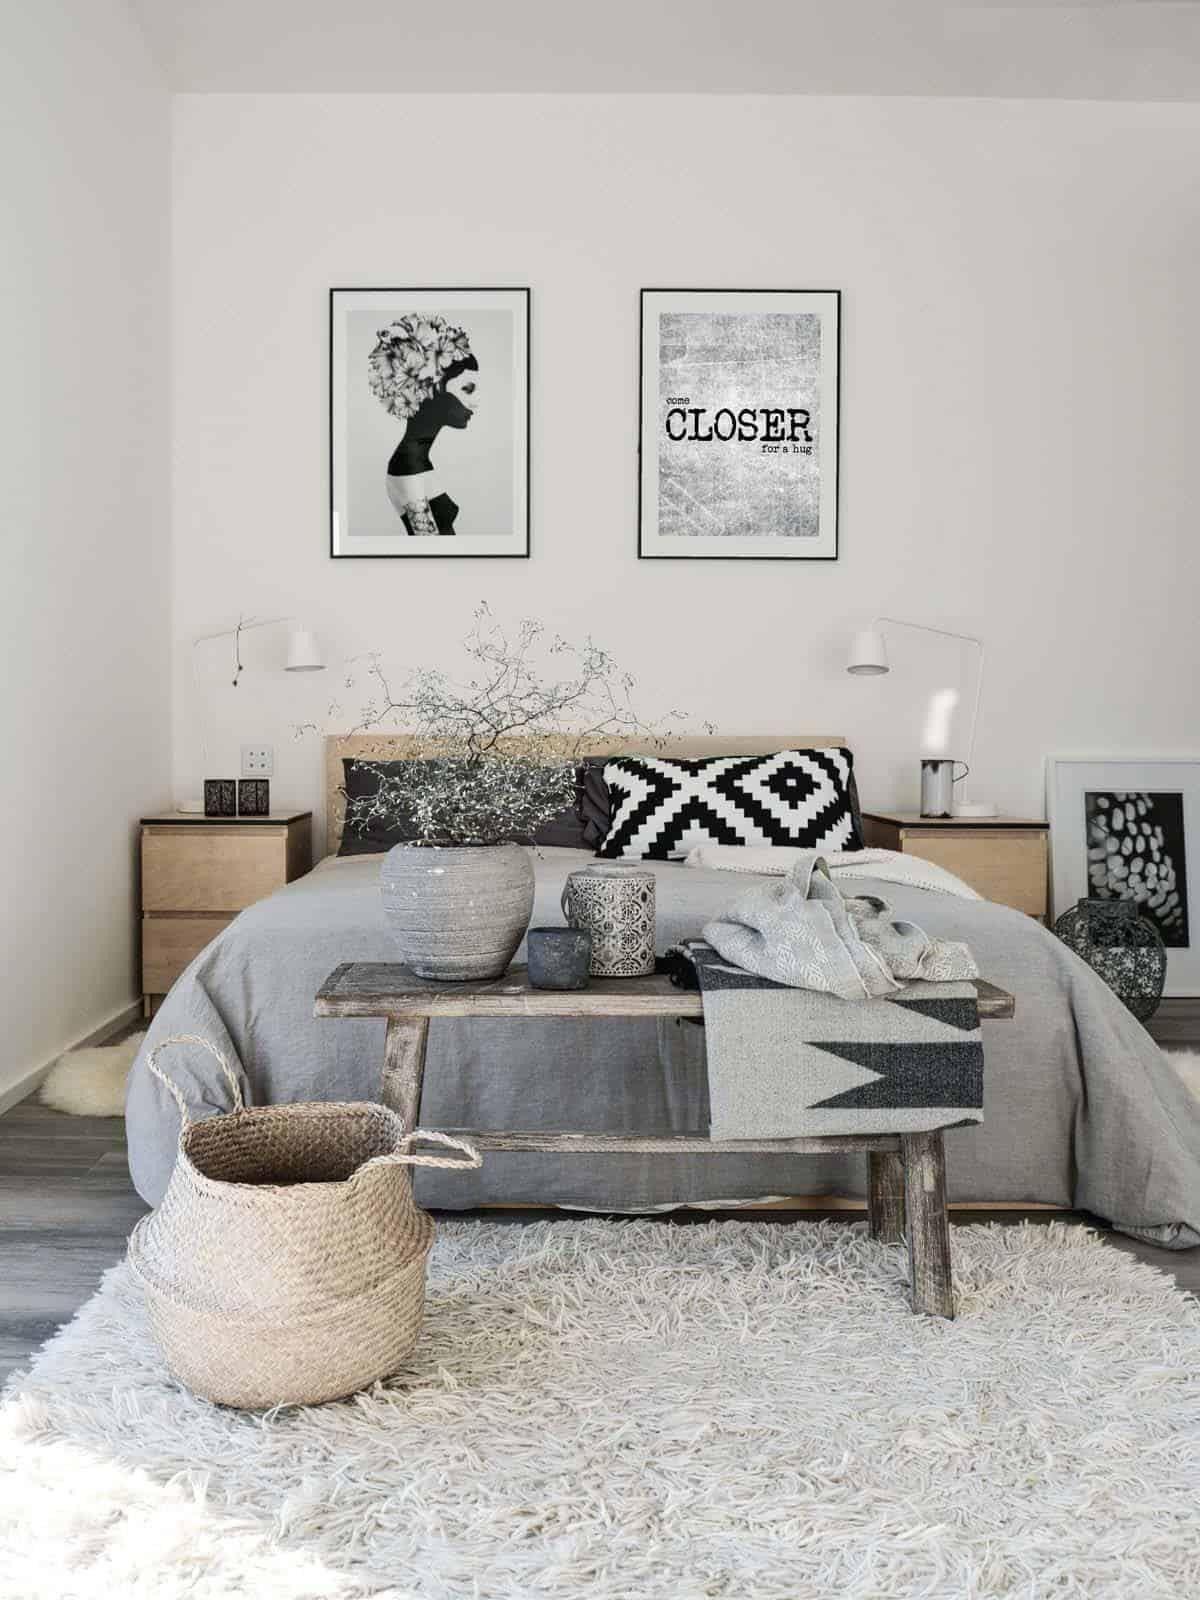 Modern Style Bedroom Ideas 2021 Scandinavian Interior Bedroom Bedroom Design Trends Interior Design Bedroom Bedroom design style trends